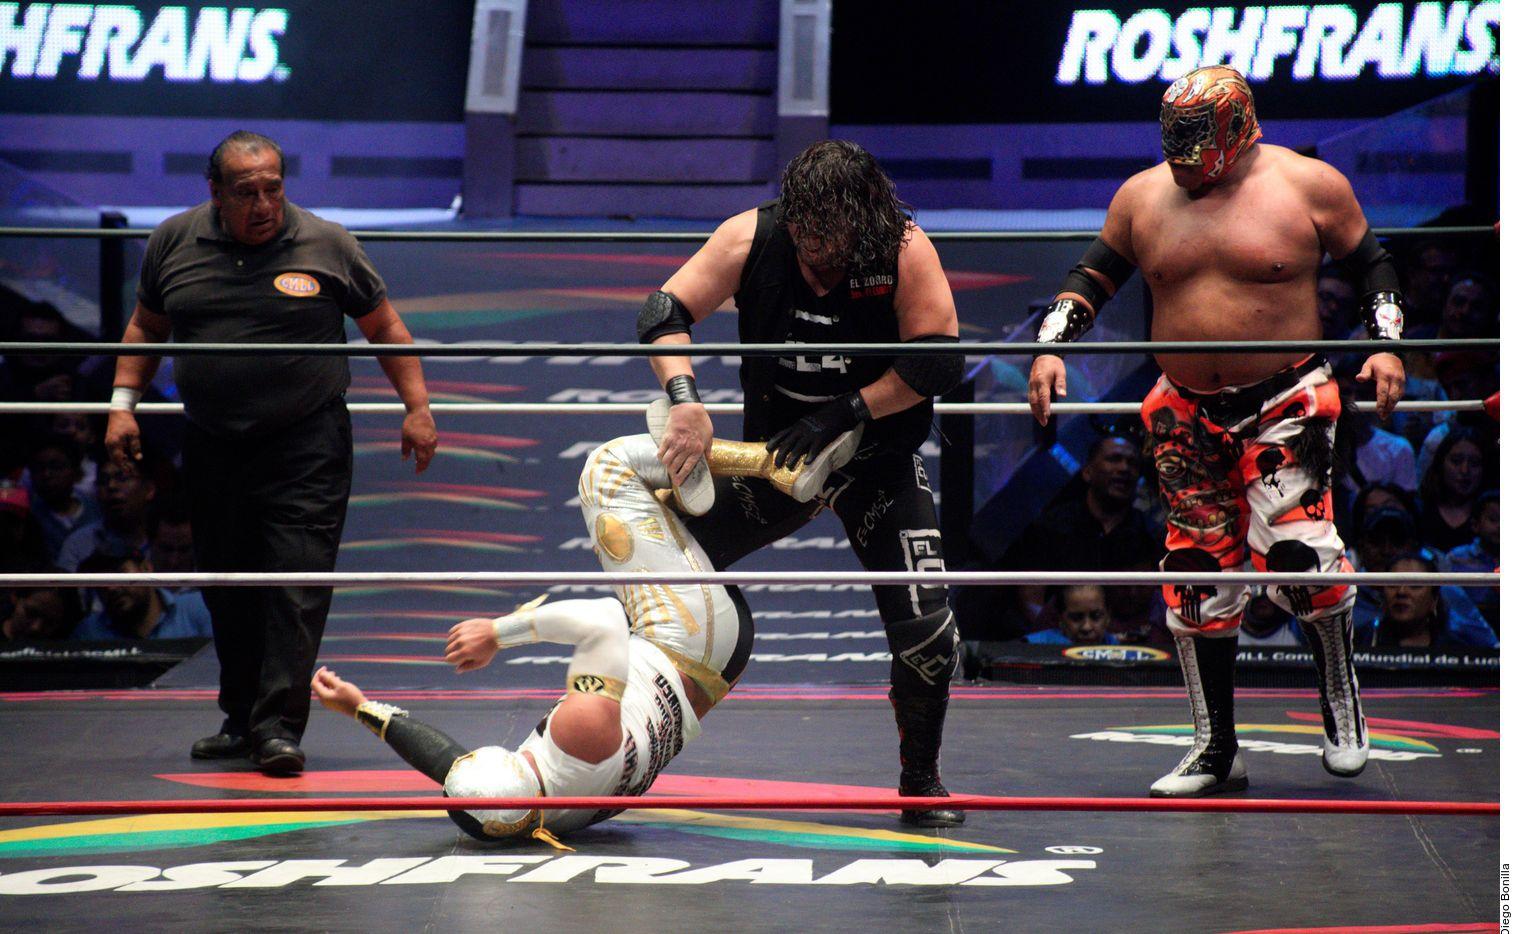 Evento Martinez Mania de lucha libre será este fin de semana en Fort Worth.